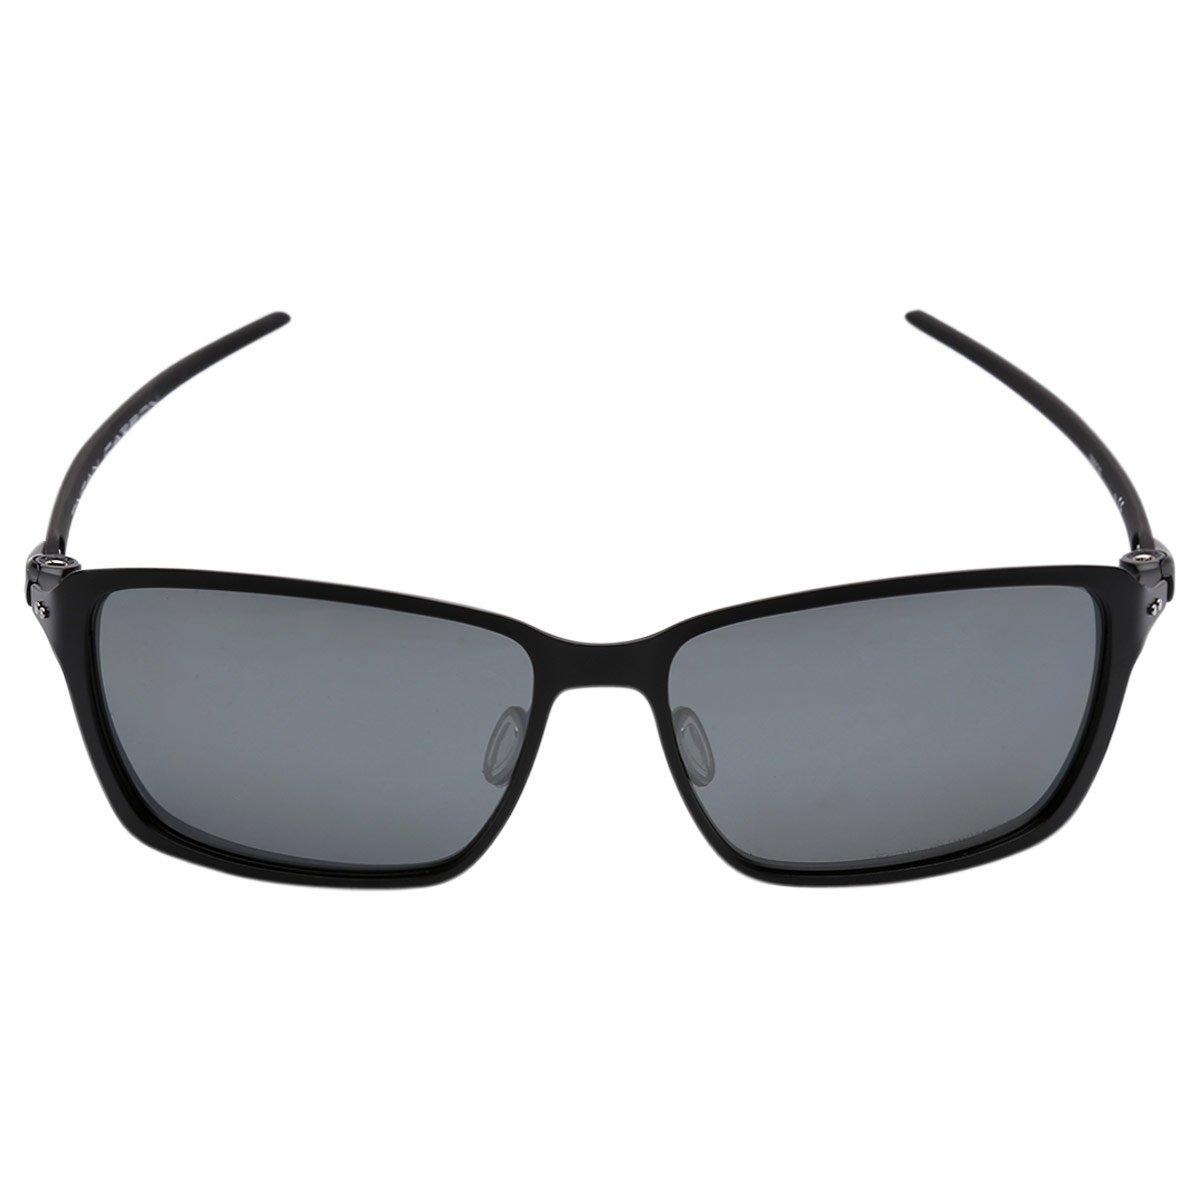 1663a51895cdc Óculos Oakley Tincan Carbon - Iridium Polarizado - Compre Agora ...